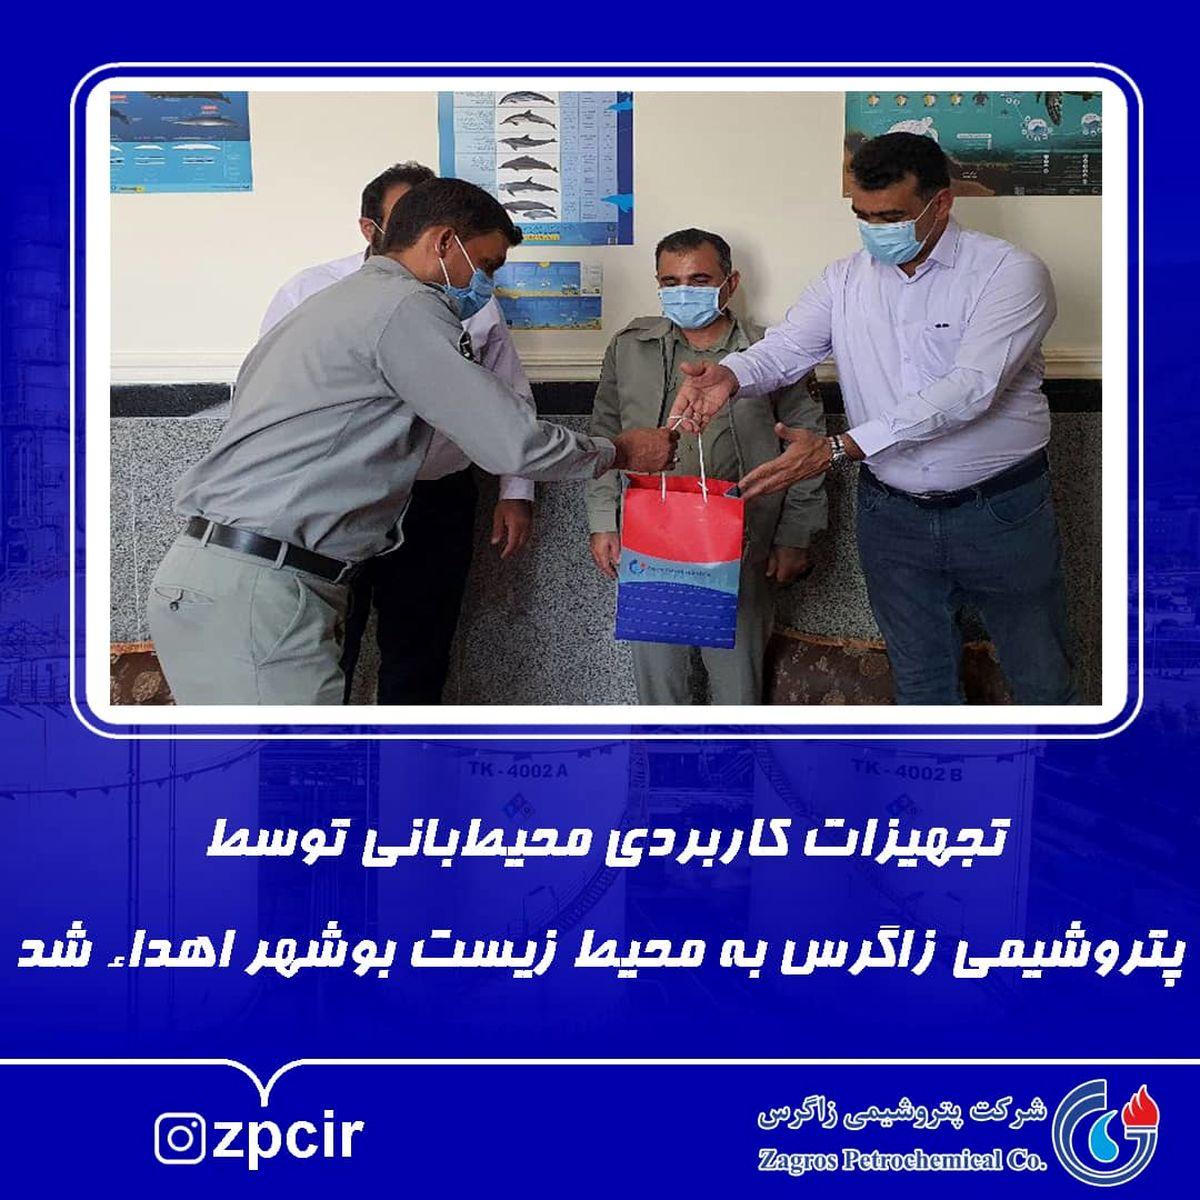 اهداء تجهیزات کاربردی محیطبانی  به محیط زیست بوشهر